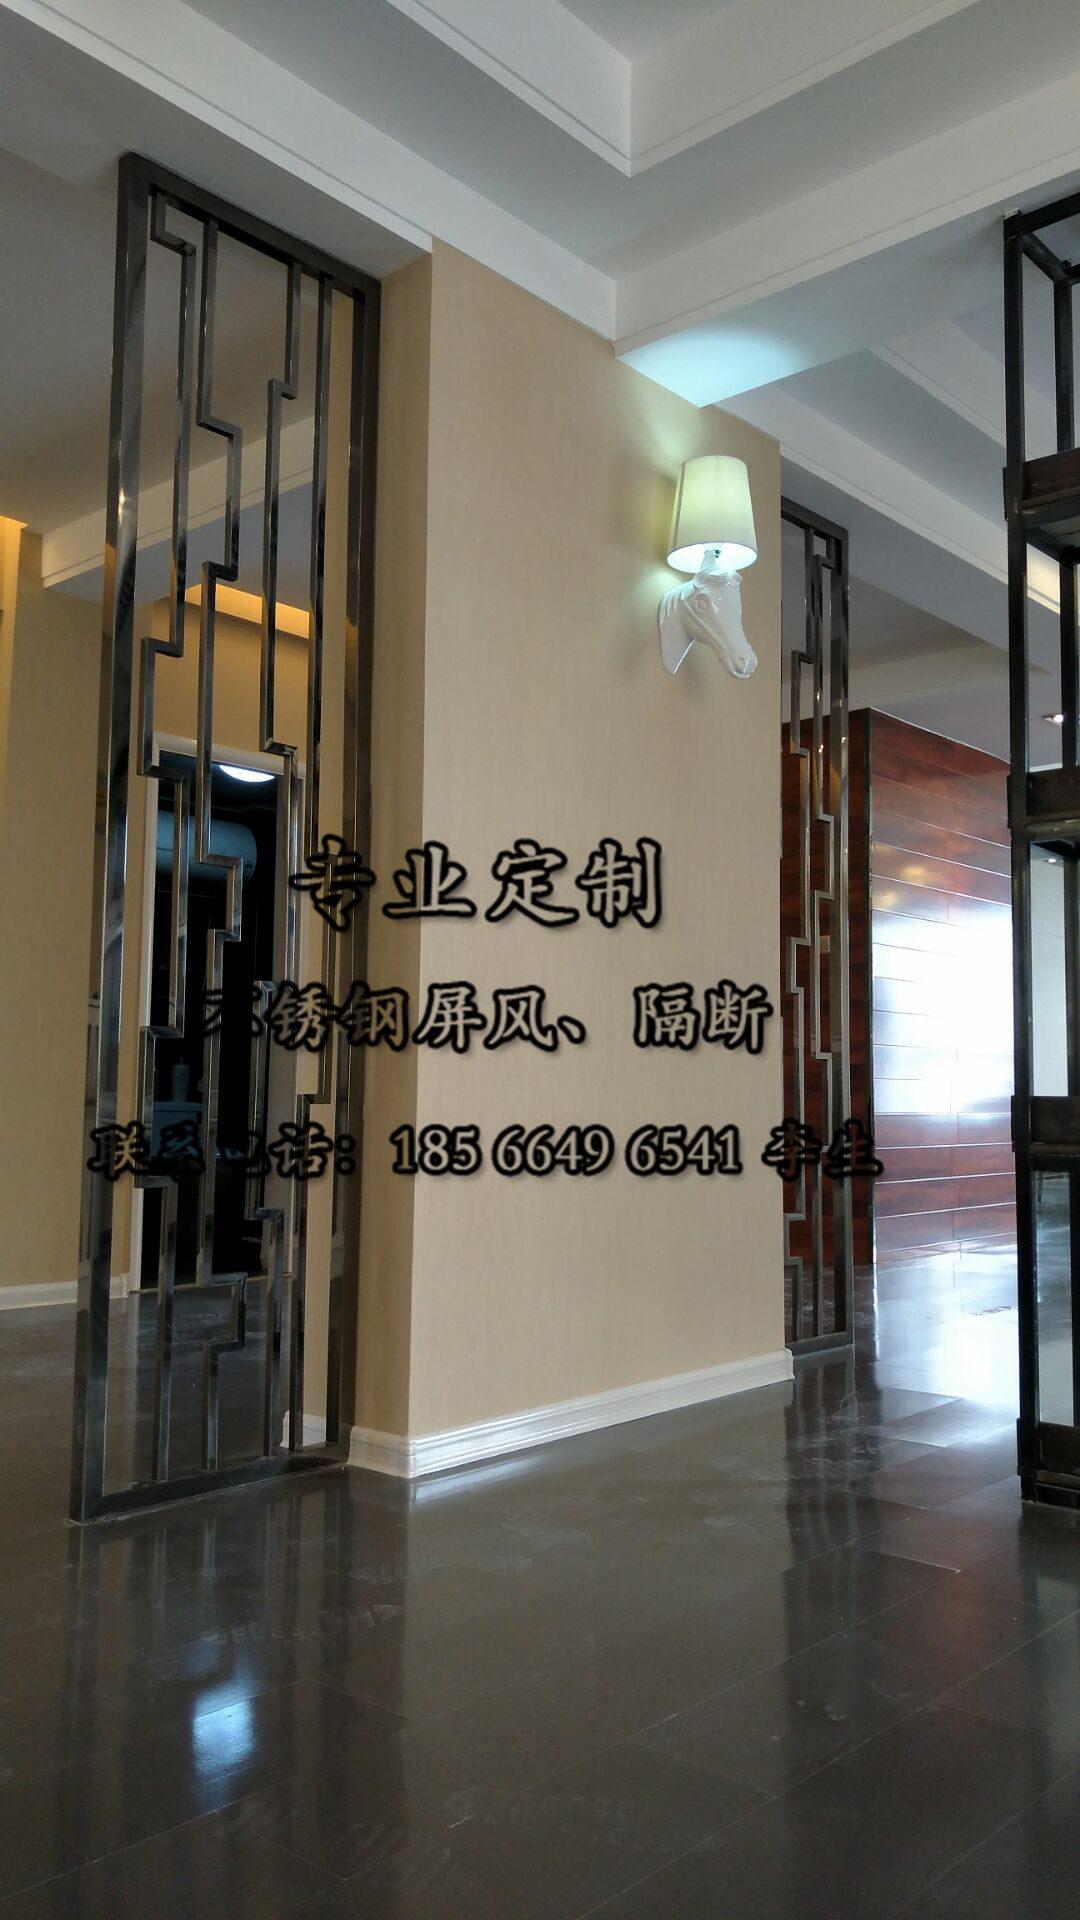 Das wohnzimmer Edelstahl - bildschirm partition hohlen geschnitzte Hotel moderne eingangstür aus rostfreiem Stahl überprüft, bildschirm - maßgeschneiderte